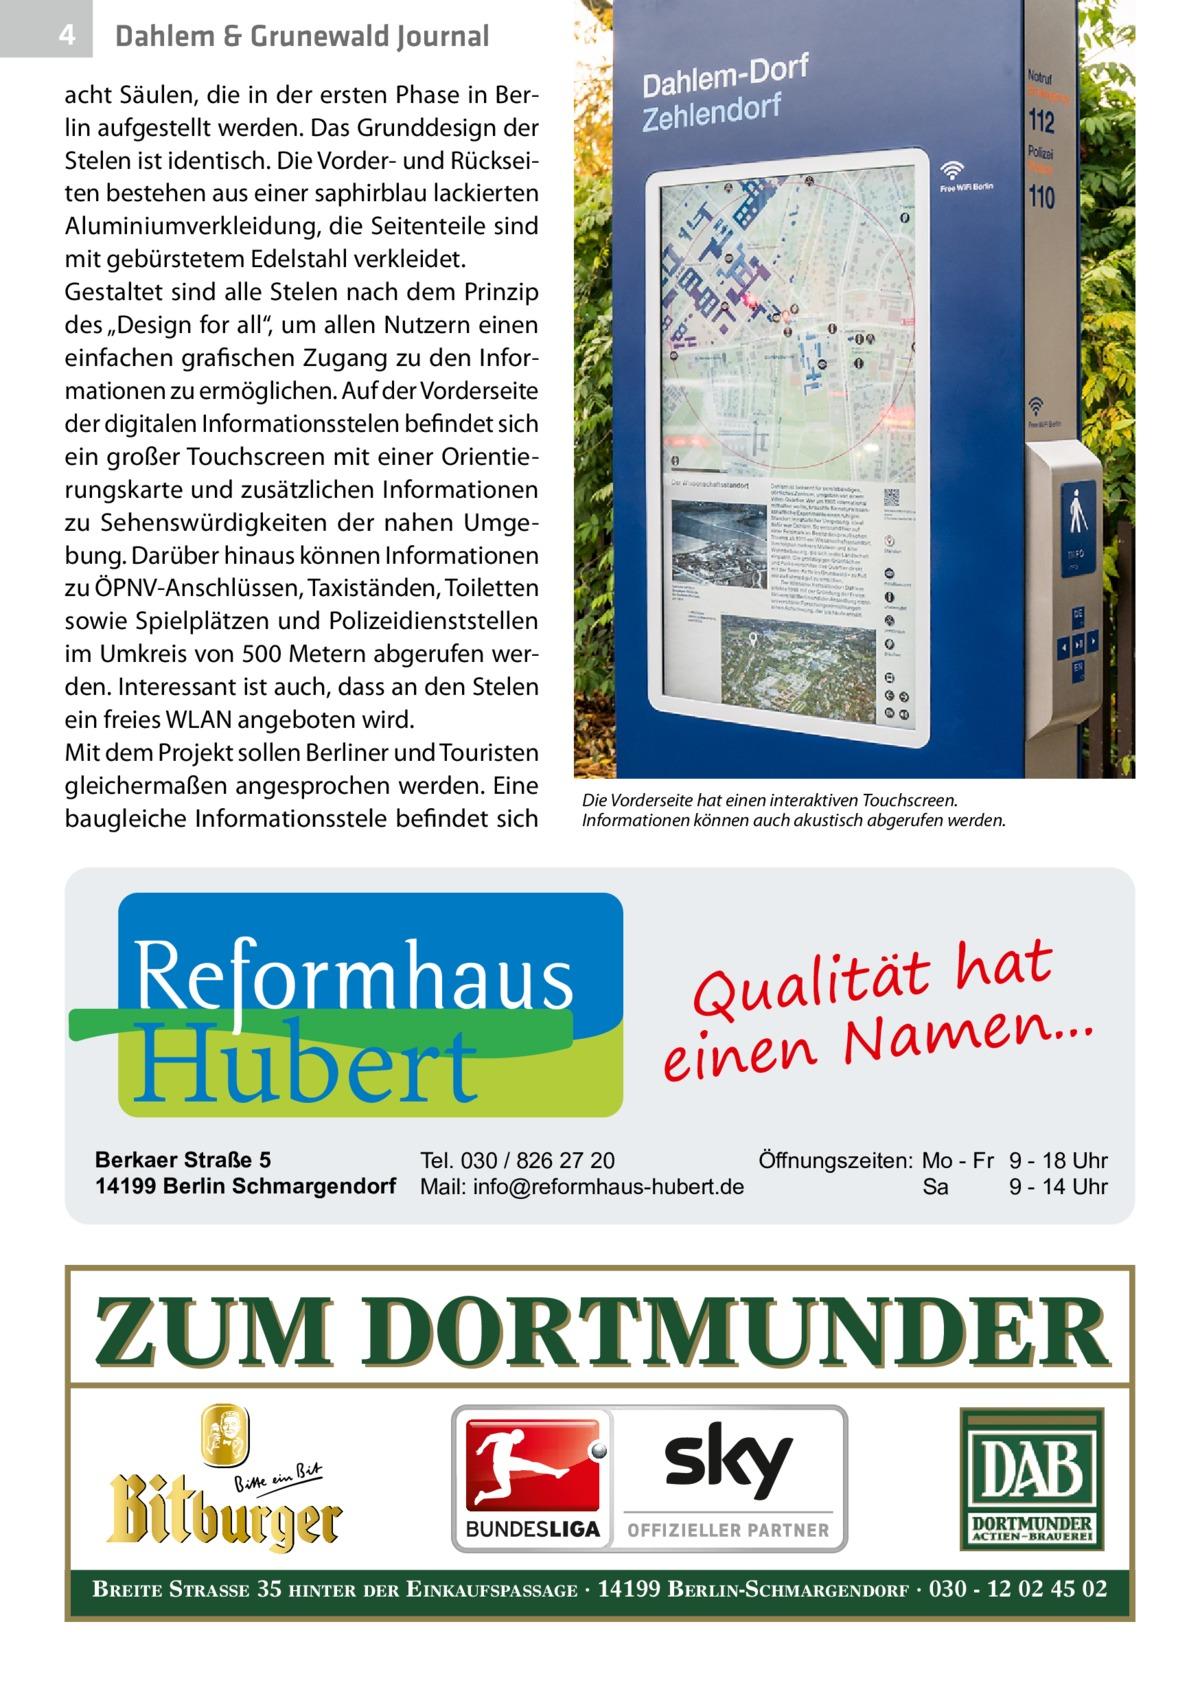 """4  Dahlem & Grunewald Journal  acht Säulen, die in der ersten Phase in Berlin aufgestellt werden. Das Grunddesign der Stelen ist identisch. Die Vorder- und Rückseiten bestehen aus einer saphirblau lackierten Aluminiumverkleidung, die Seitenteile sind mit gebürstetem Edelstahl verkleidet. Gestaltet sind alle Stelen nach dem Prinzip des """"Design for all"""", um allen Nutzern einen einfachen grafischen Zugang zu den Informationen zu ermöglichen. Auf der Vorderseite der digitalen Informationsstelen befindet sich ein großer Touchscreen mit einer Orientierungskarte und zusätzlichen Informationen zu Sehenswürdigkeiten der nahen Umgebung. Darüber hinaus können Informationen zu ÖPNV-Anschlüssen, Taxiständen, Toiletten sowie Spielplätzen und Polizeidienststellen im Umkreis von 500Metern abgerufen werden. Interessant ist auch, dass an den Stelen ein freies WLAN angeboten wird. Mit dem Projekt sollen Berliner und Touristen gleichermaßen angesprochen werden. Eine baugleiche Informationsstele befindet sich  Hubert  Berkaer Straße 5 14199 Berlin Schmargendorf  Die Vorderseite hat einen interaktiven Touchscreen. Informationen können auch akustisch abgerufen werden.  at Qualität h n... e einen Nam  Tel. 030 / 826 27 20 Öffnungszeiten: Mo - Fr 9 - 18 Uhr Mail: info@reformhaus-hubert.de Sa 9 - 14 Uhr  ZUM DORTMUNDER BREITE STRASSE 35 HINTER DER EINKAUFSPASSAGE · 14199 BERLIN-SCHMARGENDORF · 030 - 12 02 45 02"""